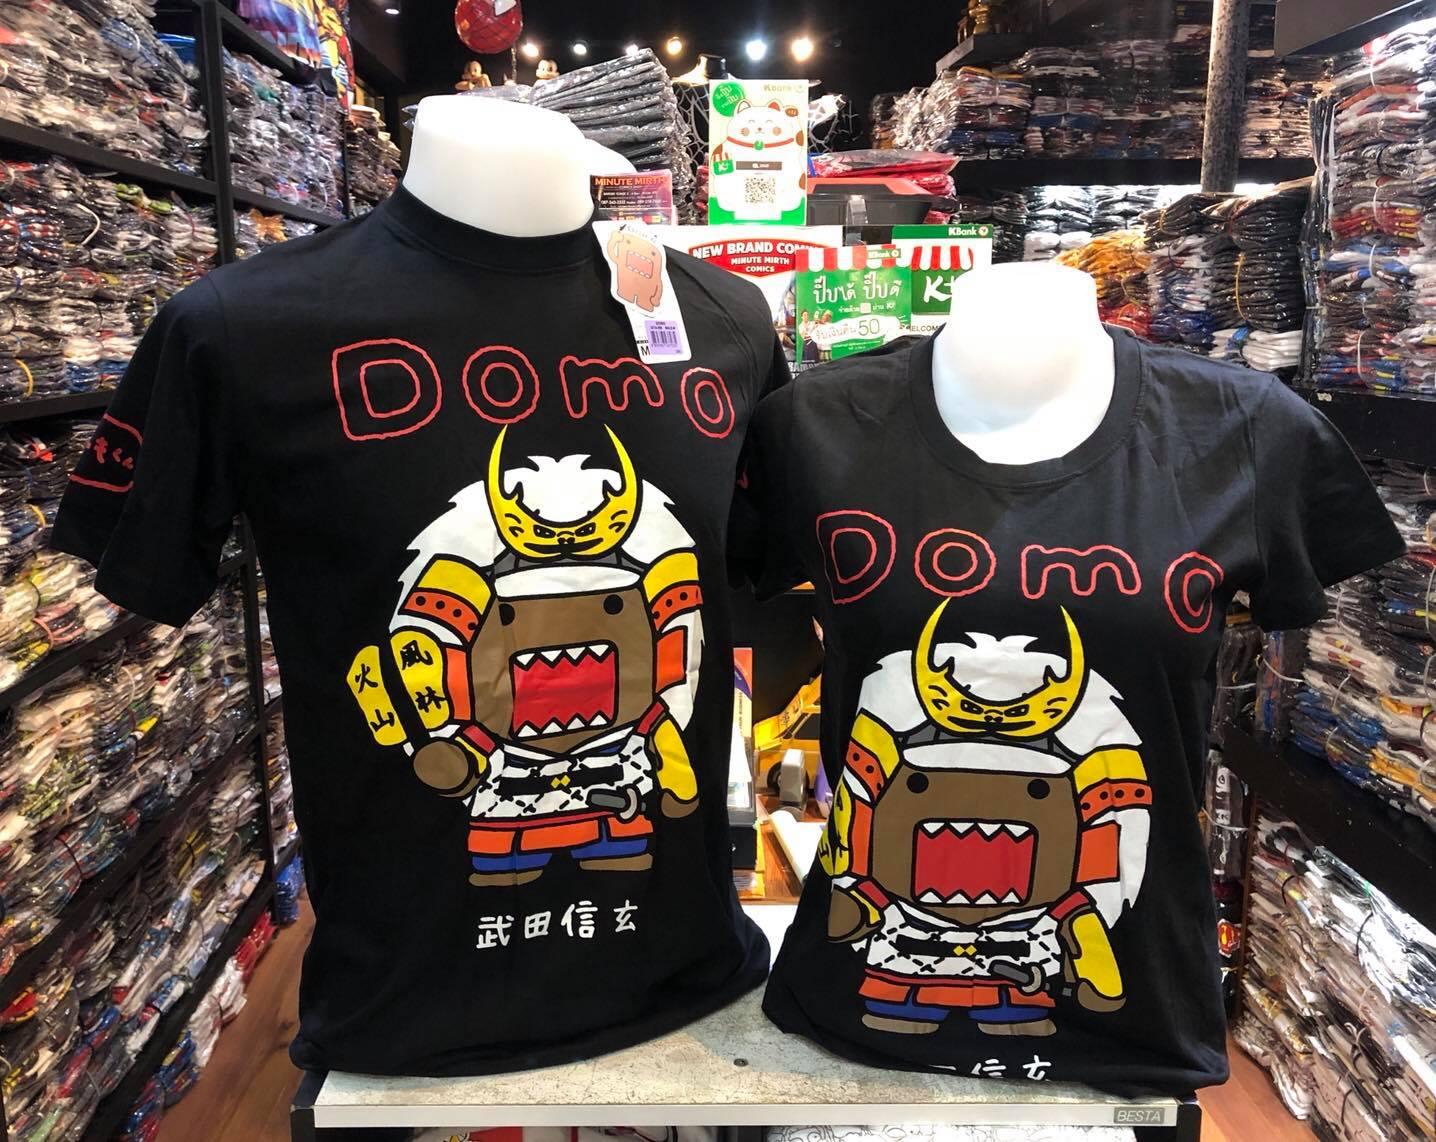 โดโมะ สีดำ (Domo Black empire CODE:1115)